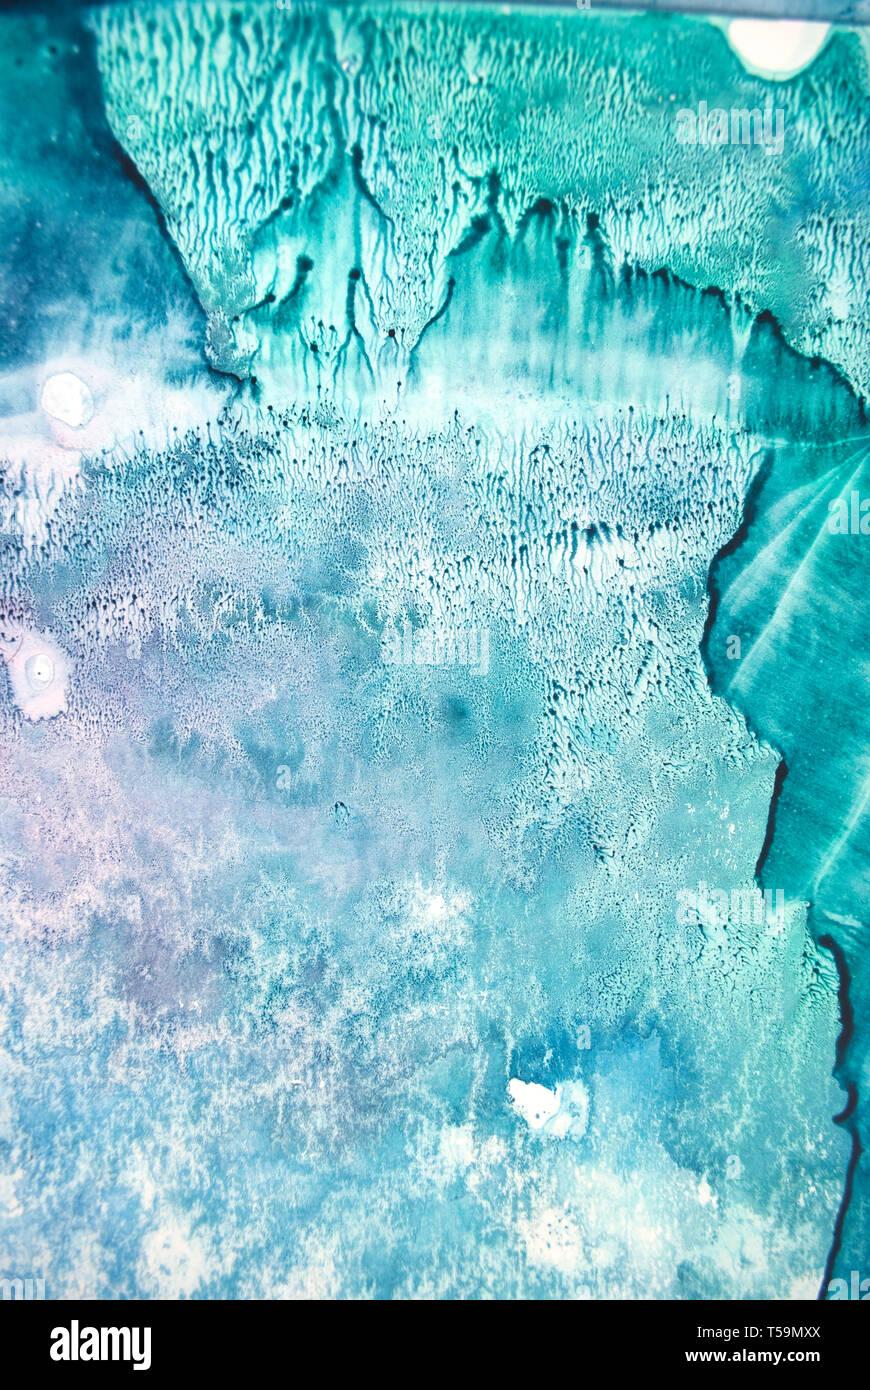 La texture aquarelle éclaboussures. Résumé d'origine, le papier, la pierre, la glace, l'espace, galaxie, la lumière cosmique les taches de couleur turquoise style blob Banque D'Images